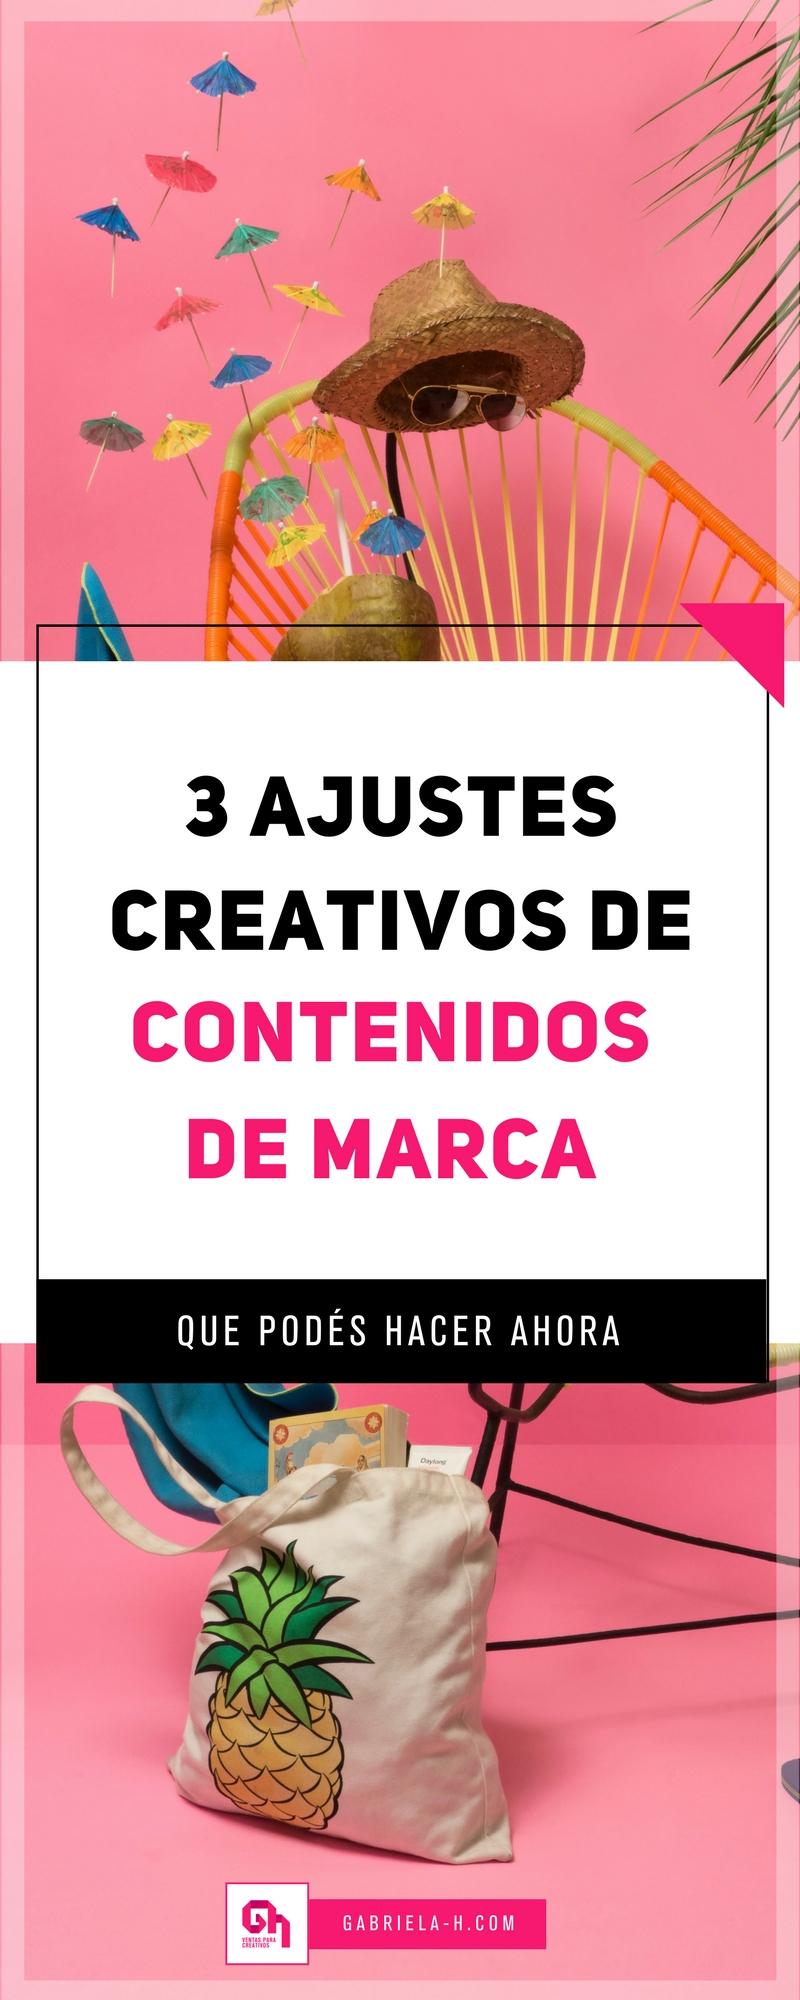 CONTENIDOS CREATIVOS.jpg